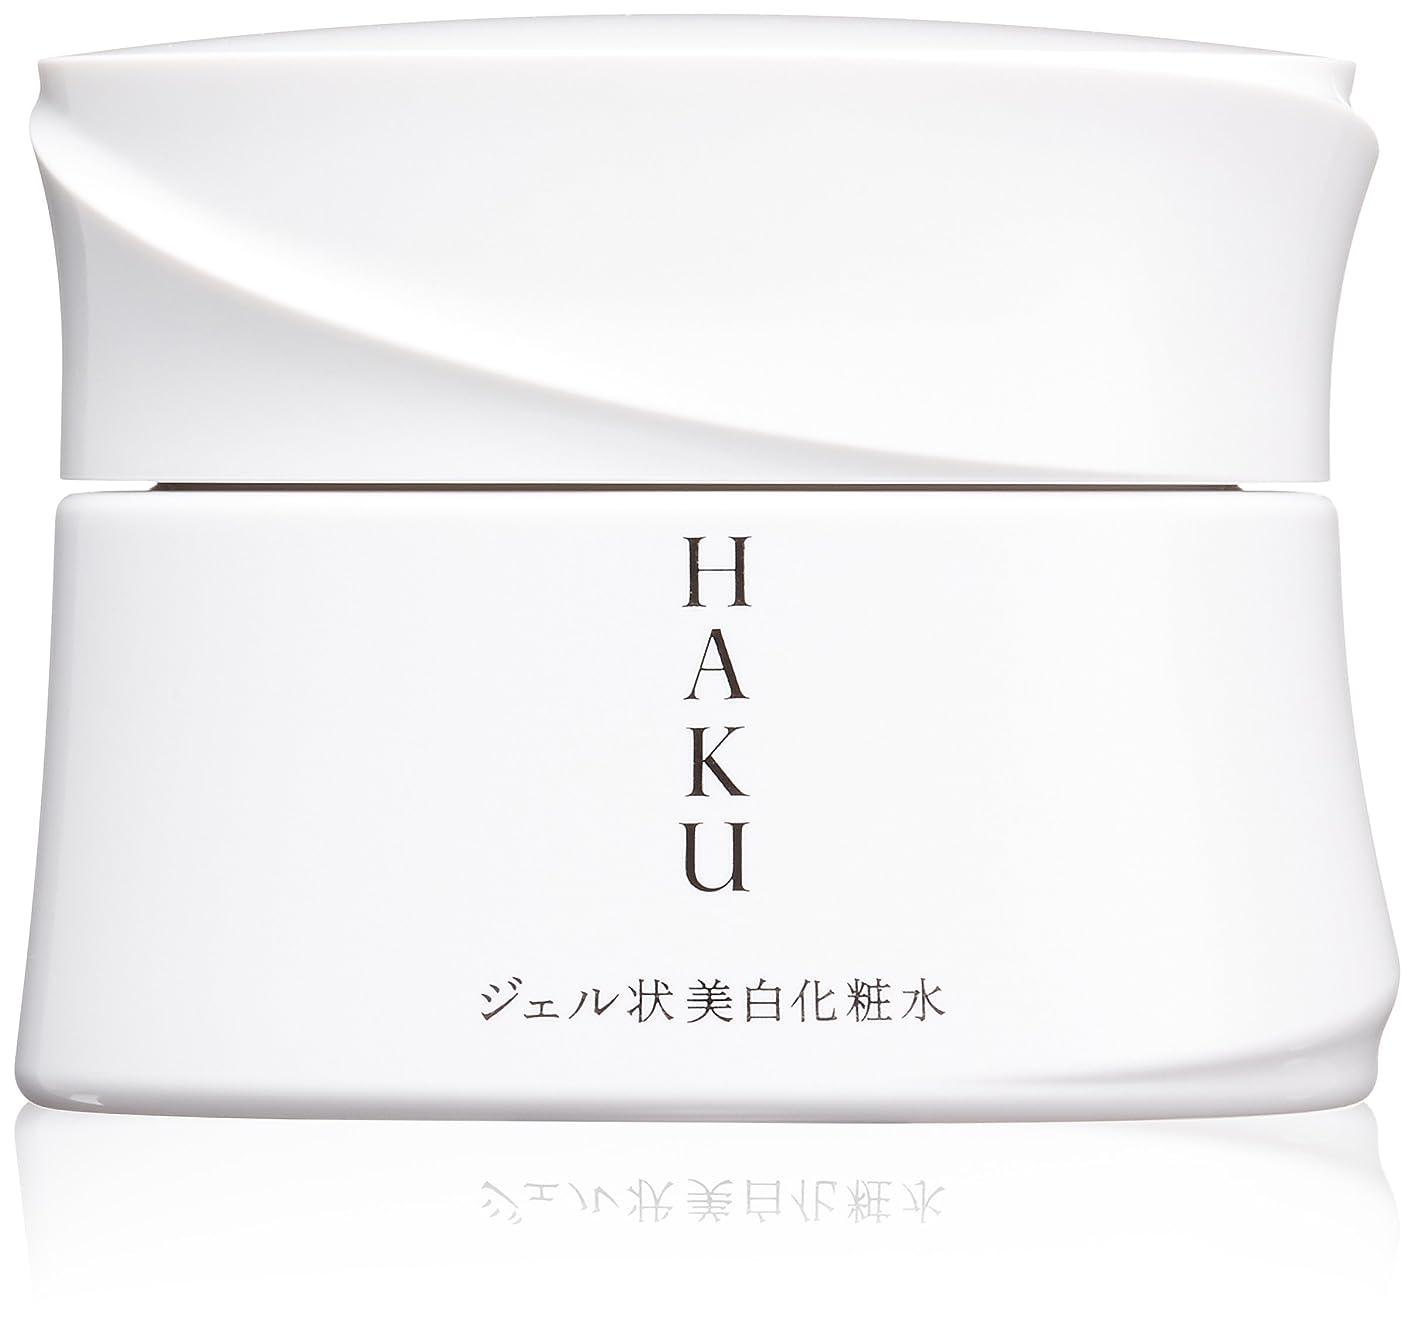 シエスタ麦芽費用HAKU メラノディープモイスチャー 美白化粧水 100g 【医薬部外品】